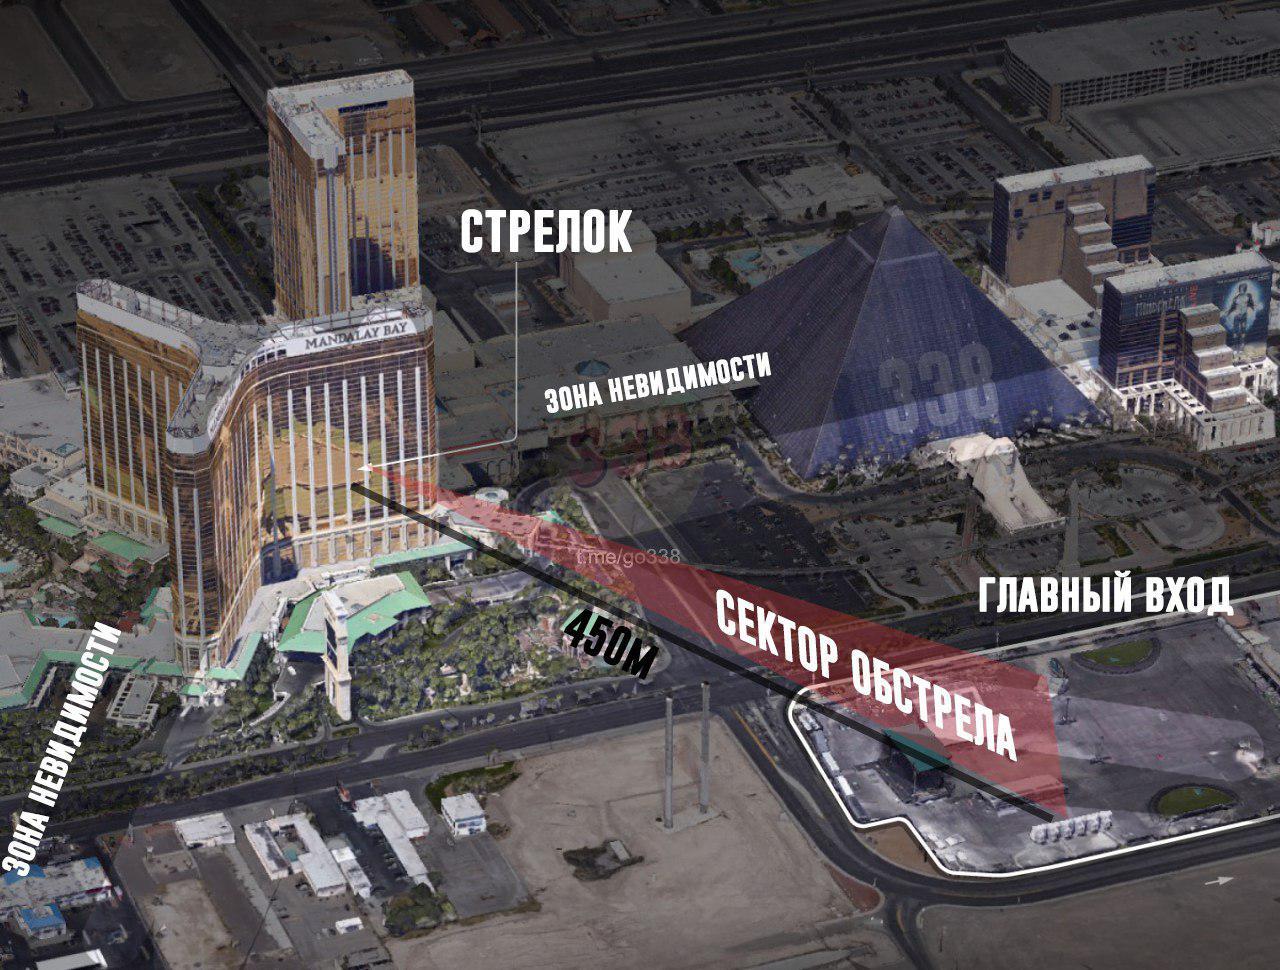 Крупнейший шутинг в истории США: в Лас-Вегасе убиты более 50 человек